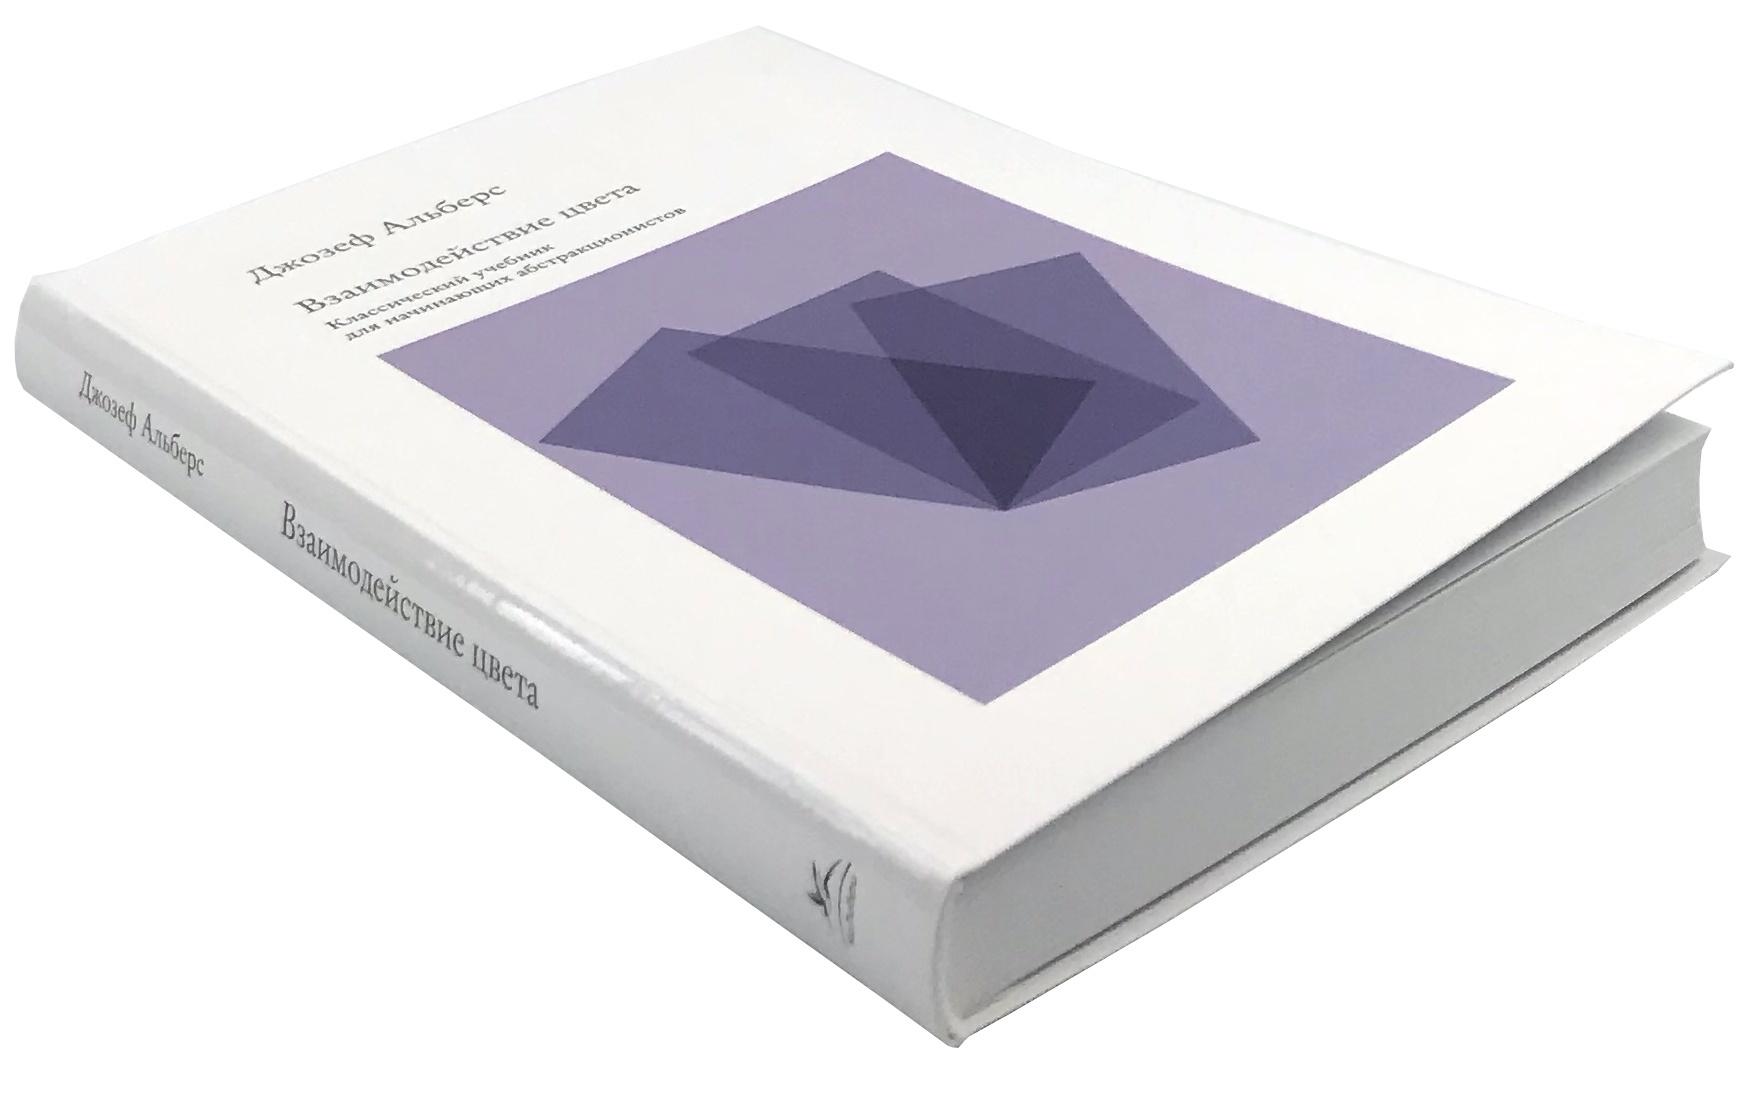 Взаимодействие цвета. Классический учебник для начинающих абстракционистов. Автор — Джозеф Альберс. Переплет —